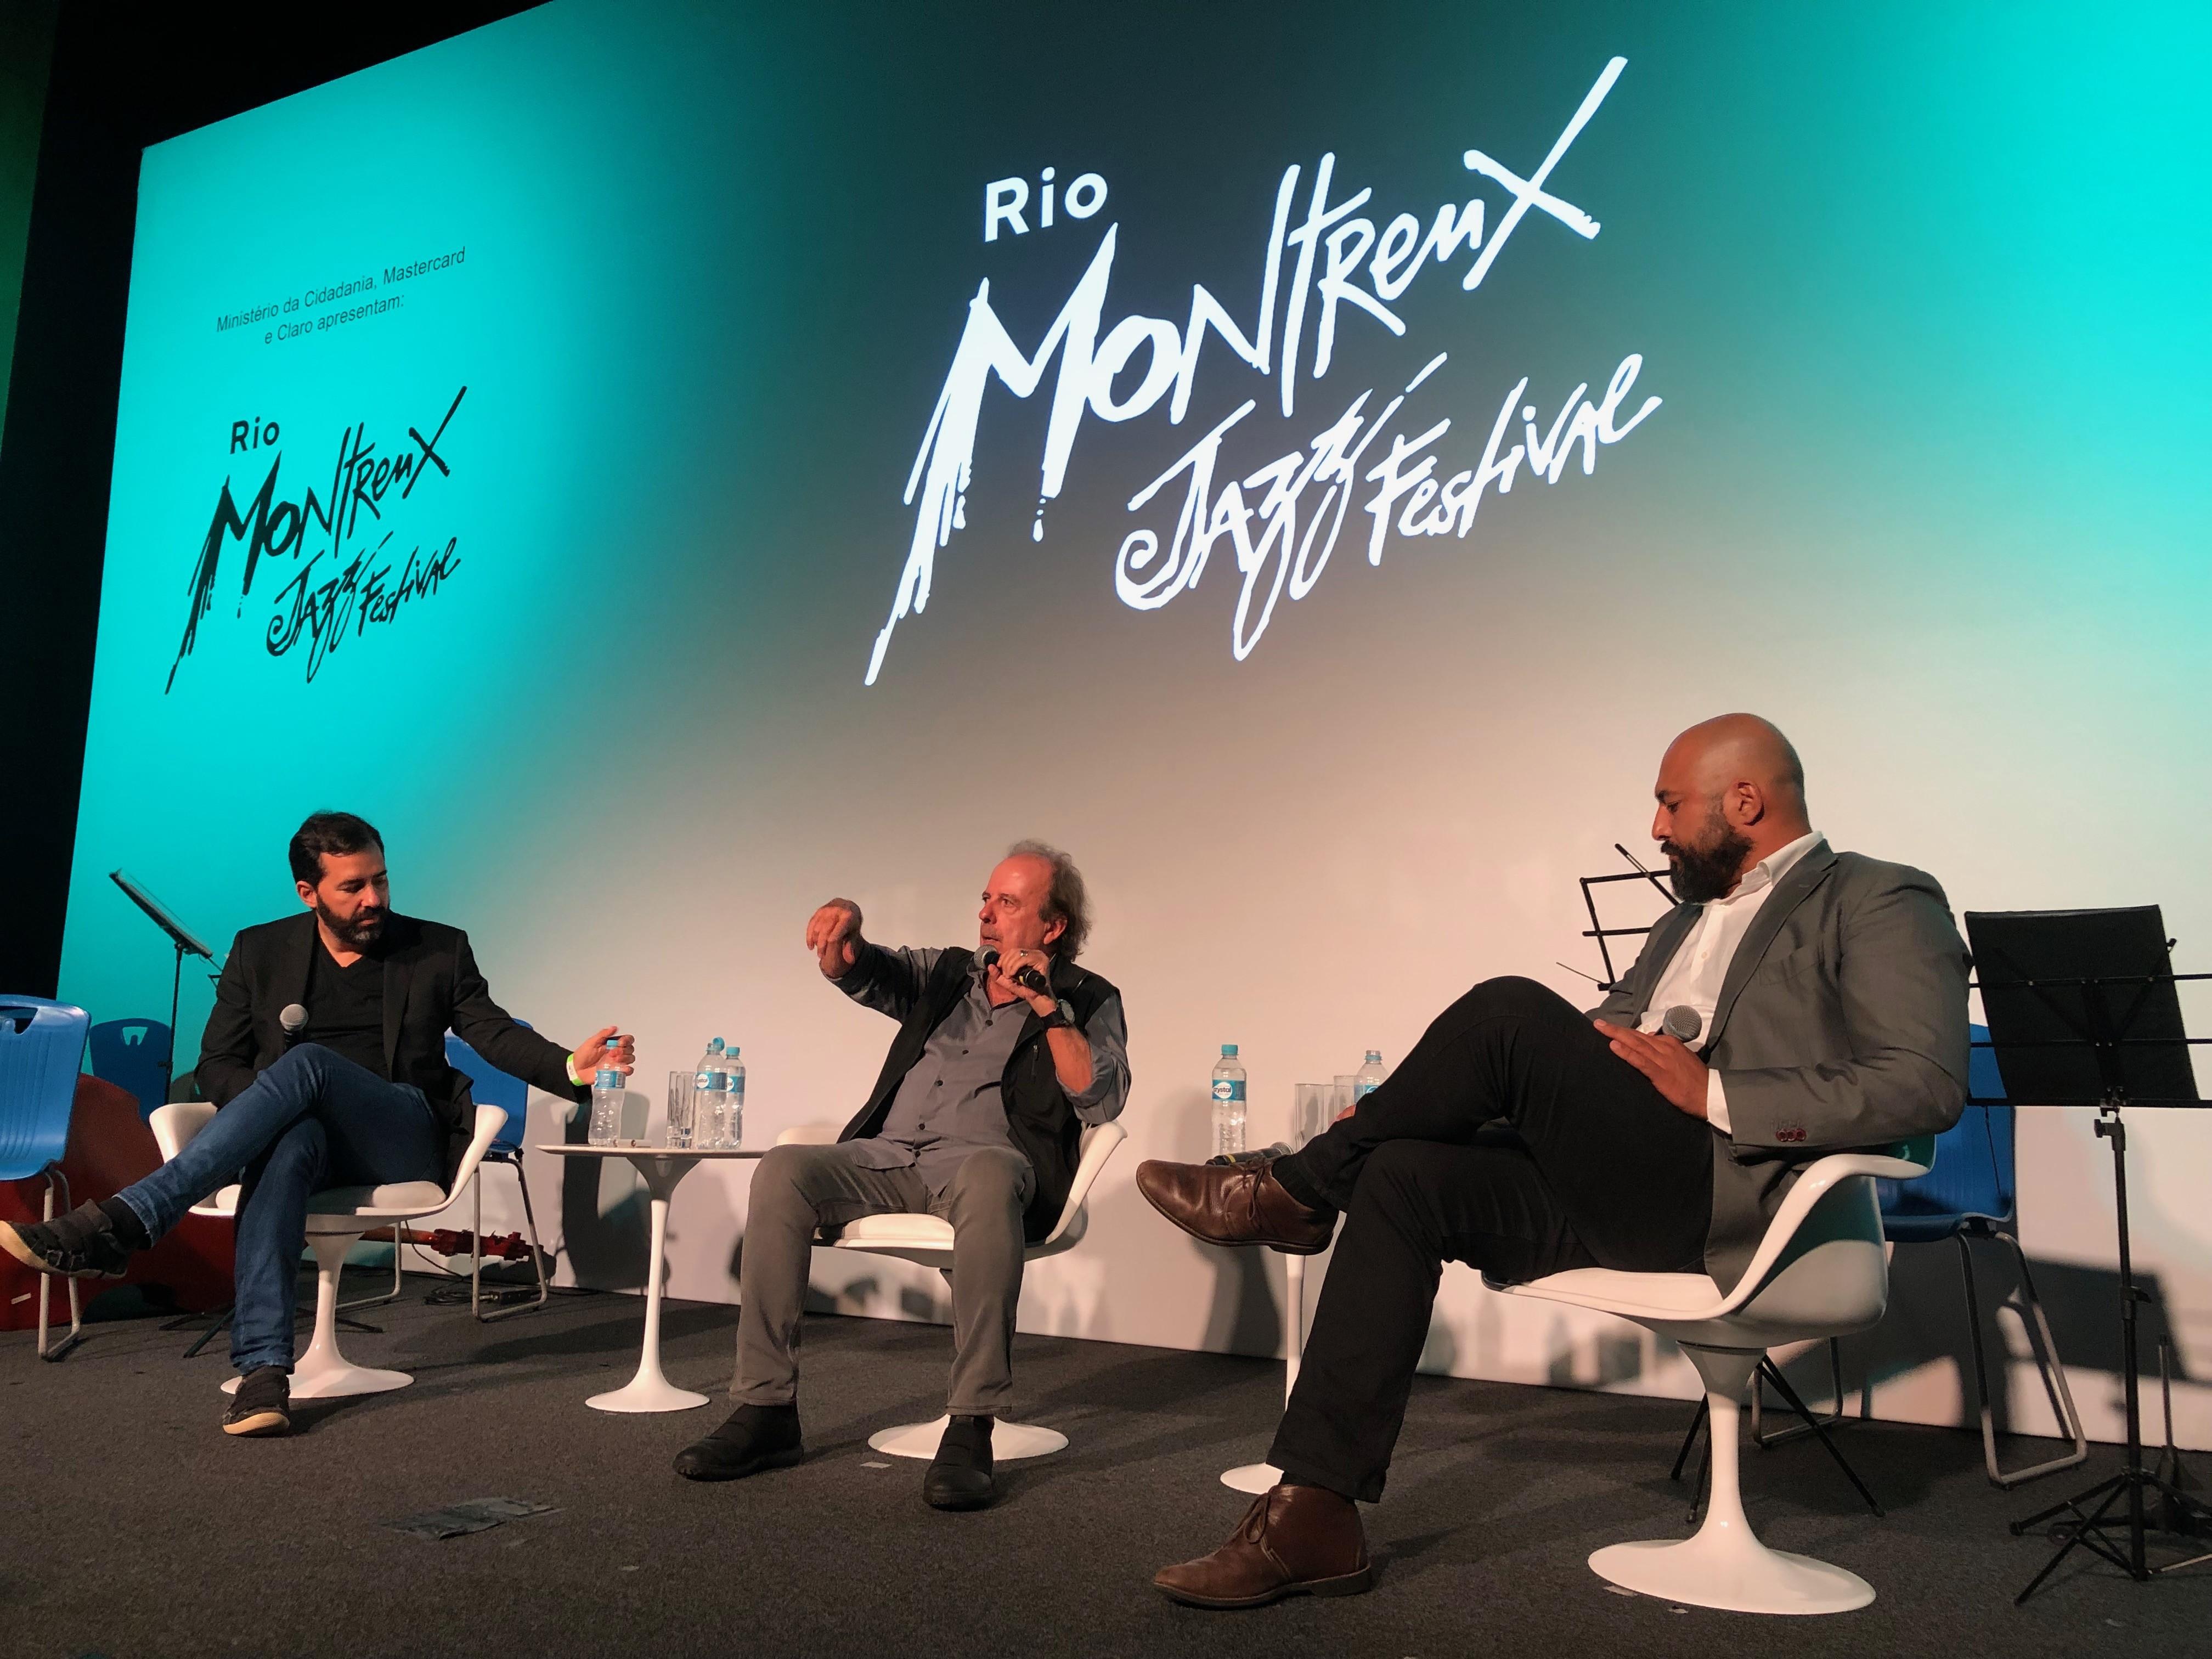 Primeira edição do Rio Montreux Jazz Festival chega à cidade em junho